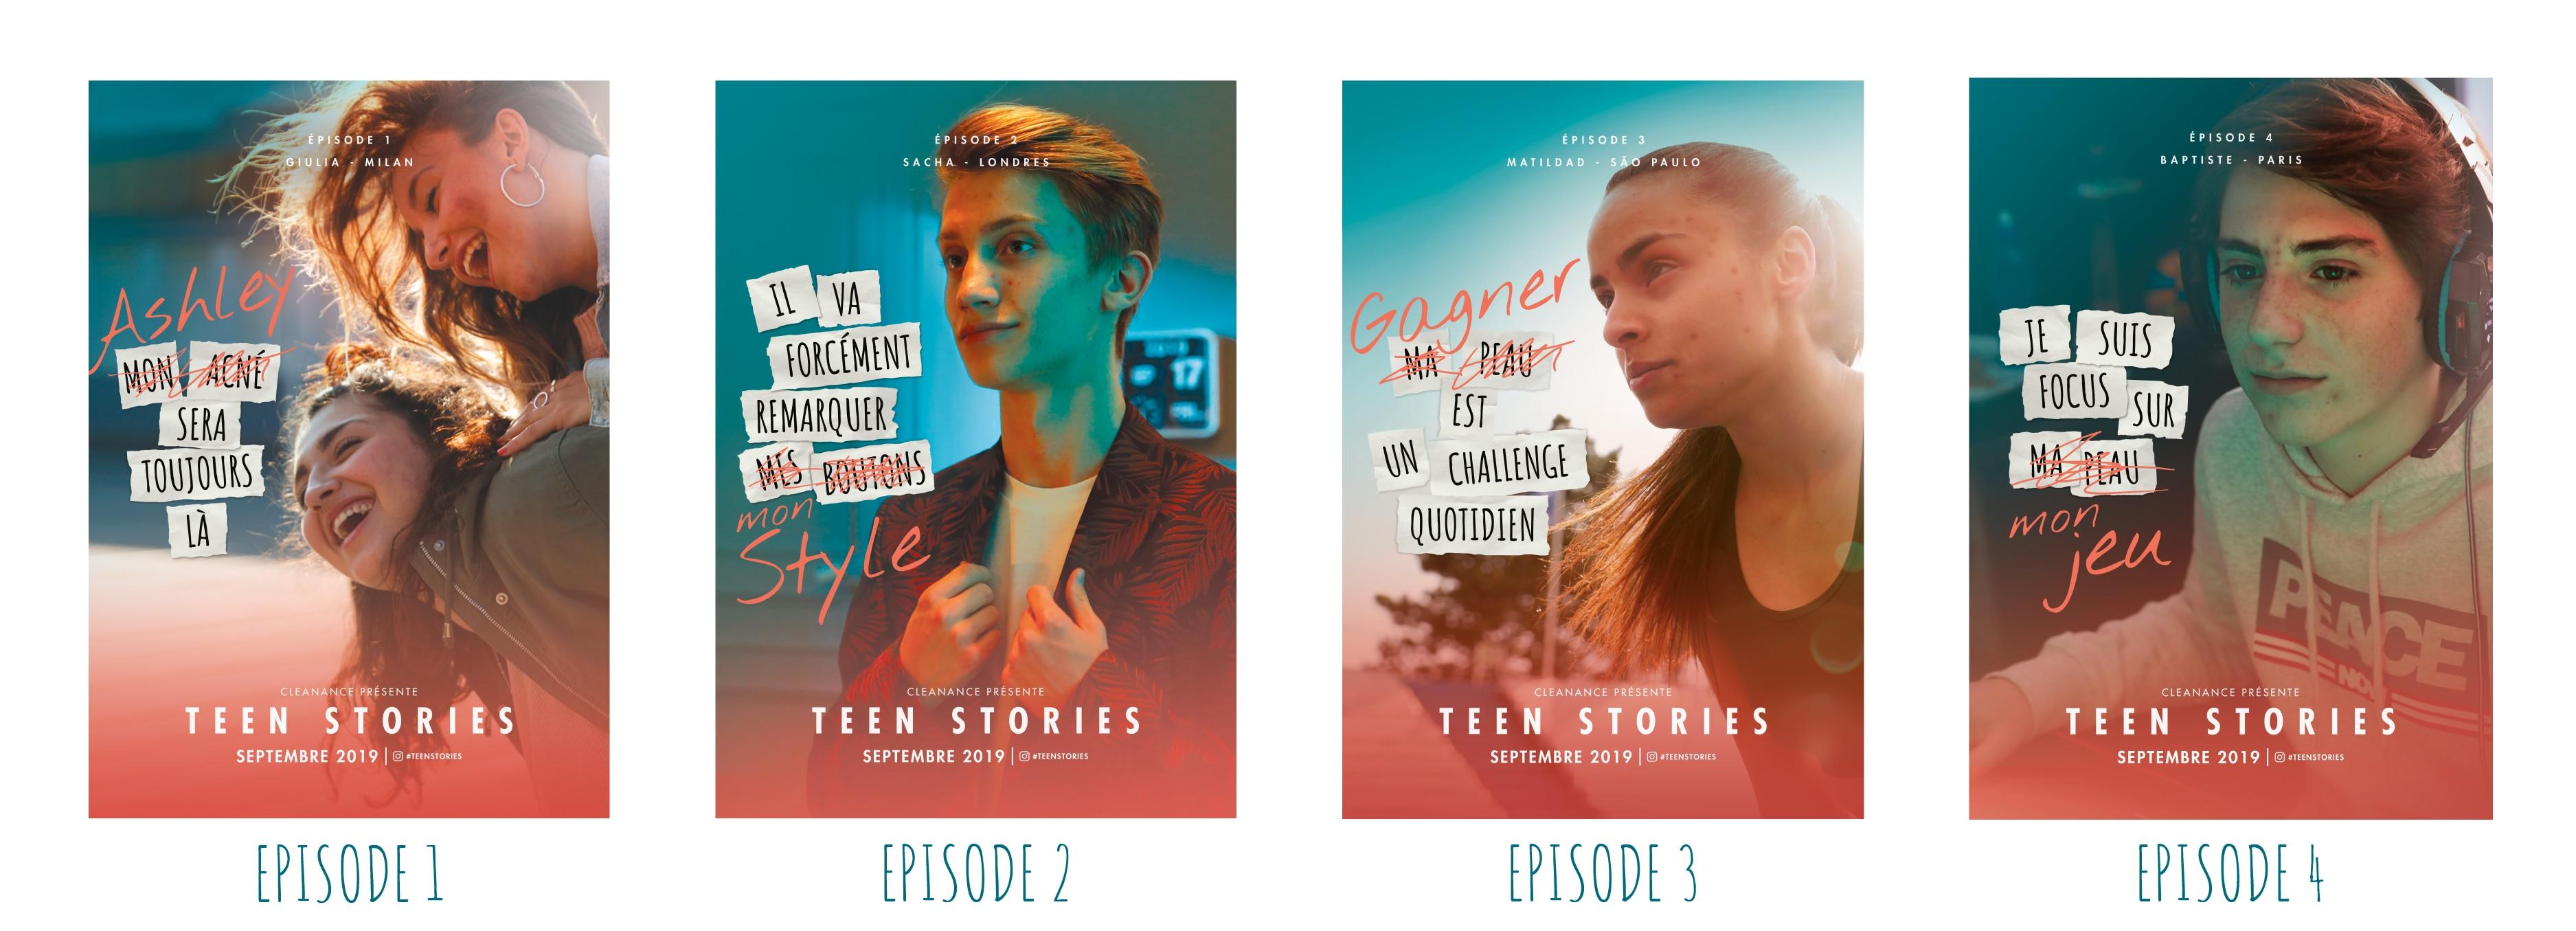 Teenstories